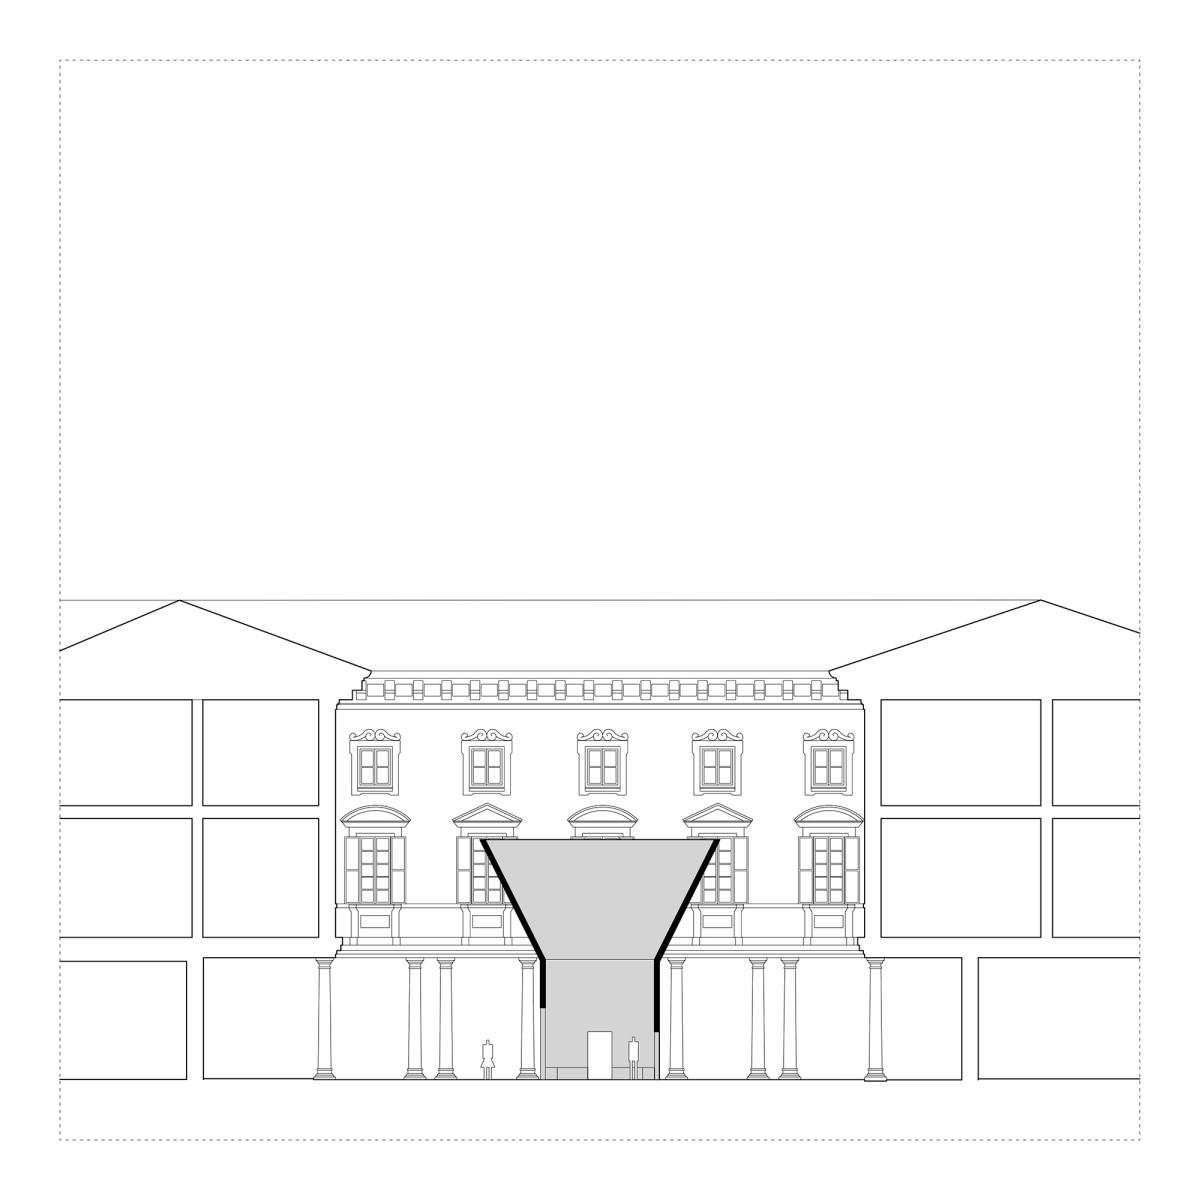 Pezo von Ellrichshausen . Echo Pavilion . Milan  afasia + (8)